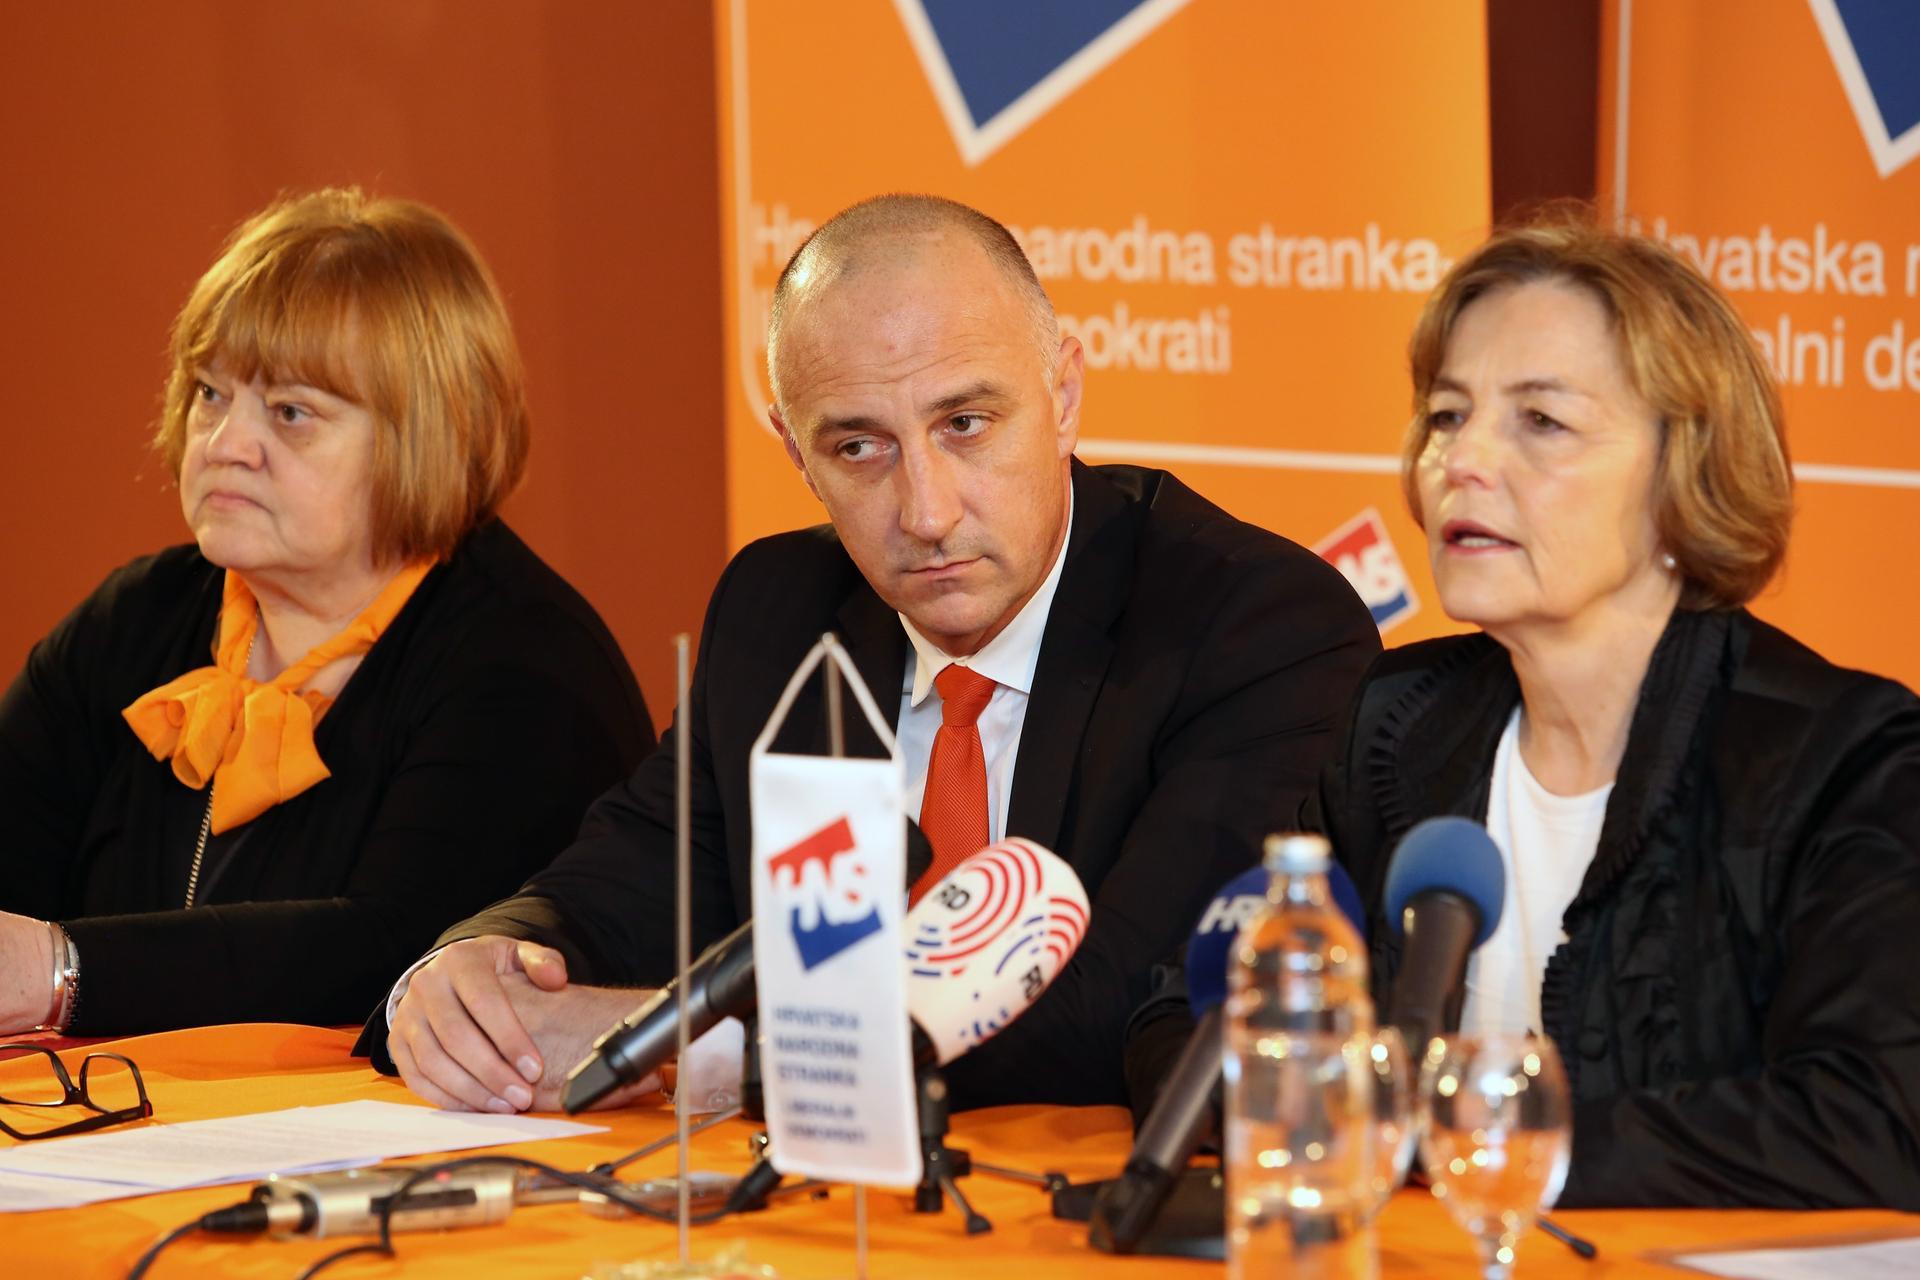 HNS odlučio i ide u koaliciju s HDZ-om! Pusić: Očekujem da će me isključiti